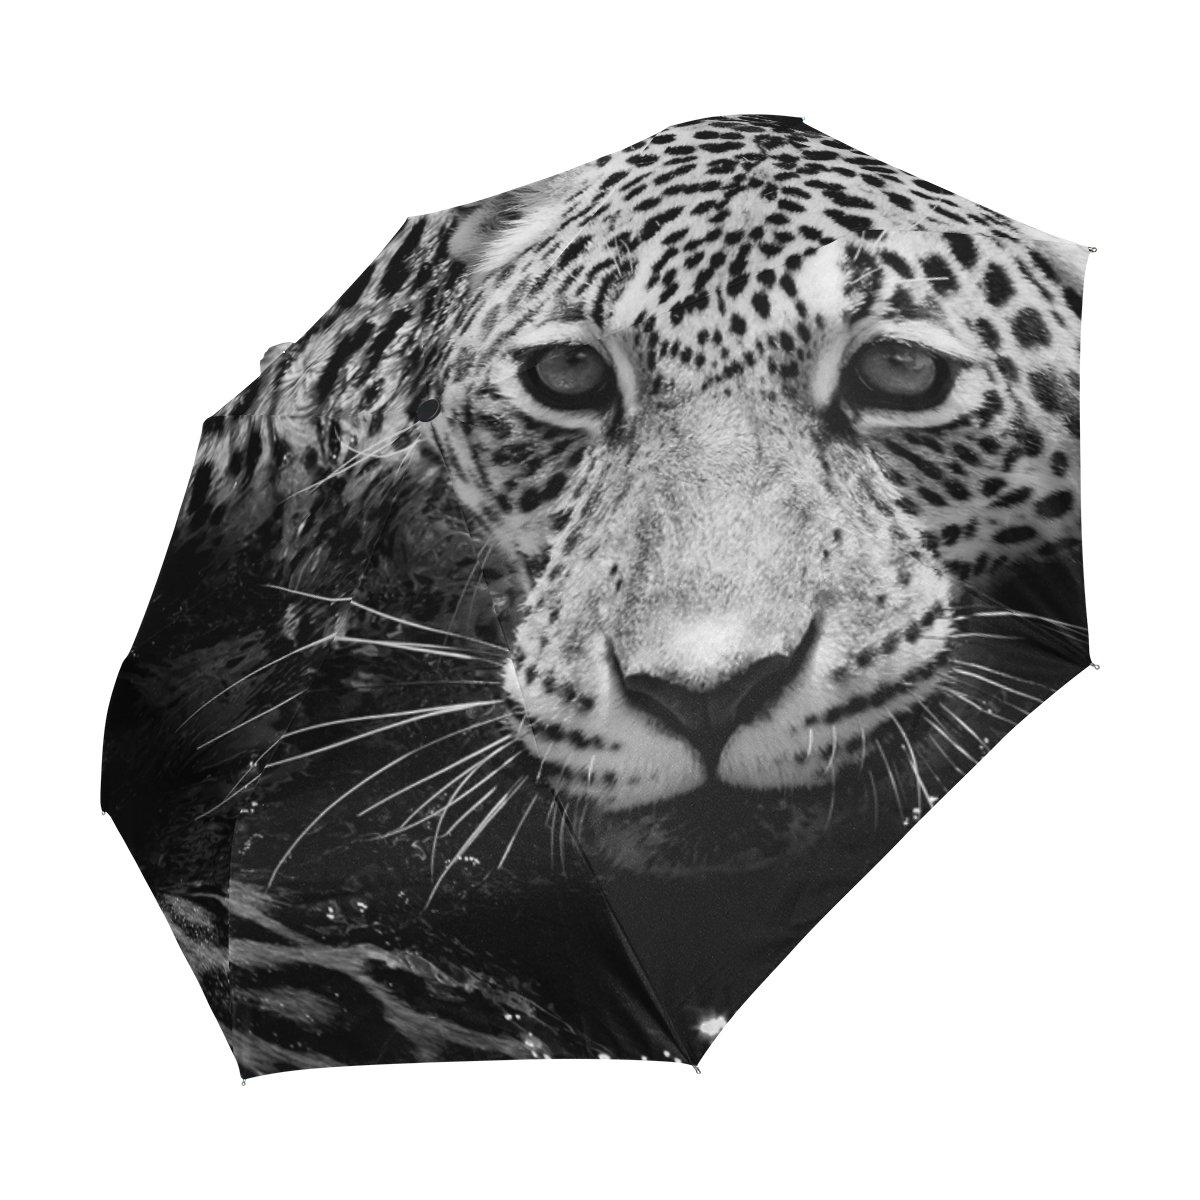 COOSUN Blanco y Negro Retrato de Jaguar automático 3 Plegable del Paraguas del Parasol Color # 001: Amazon.es: Equipaje